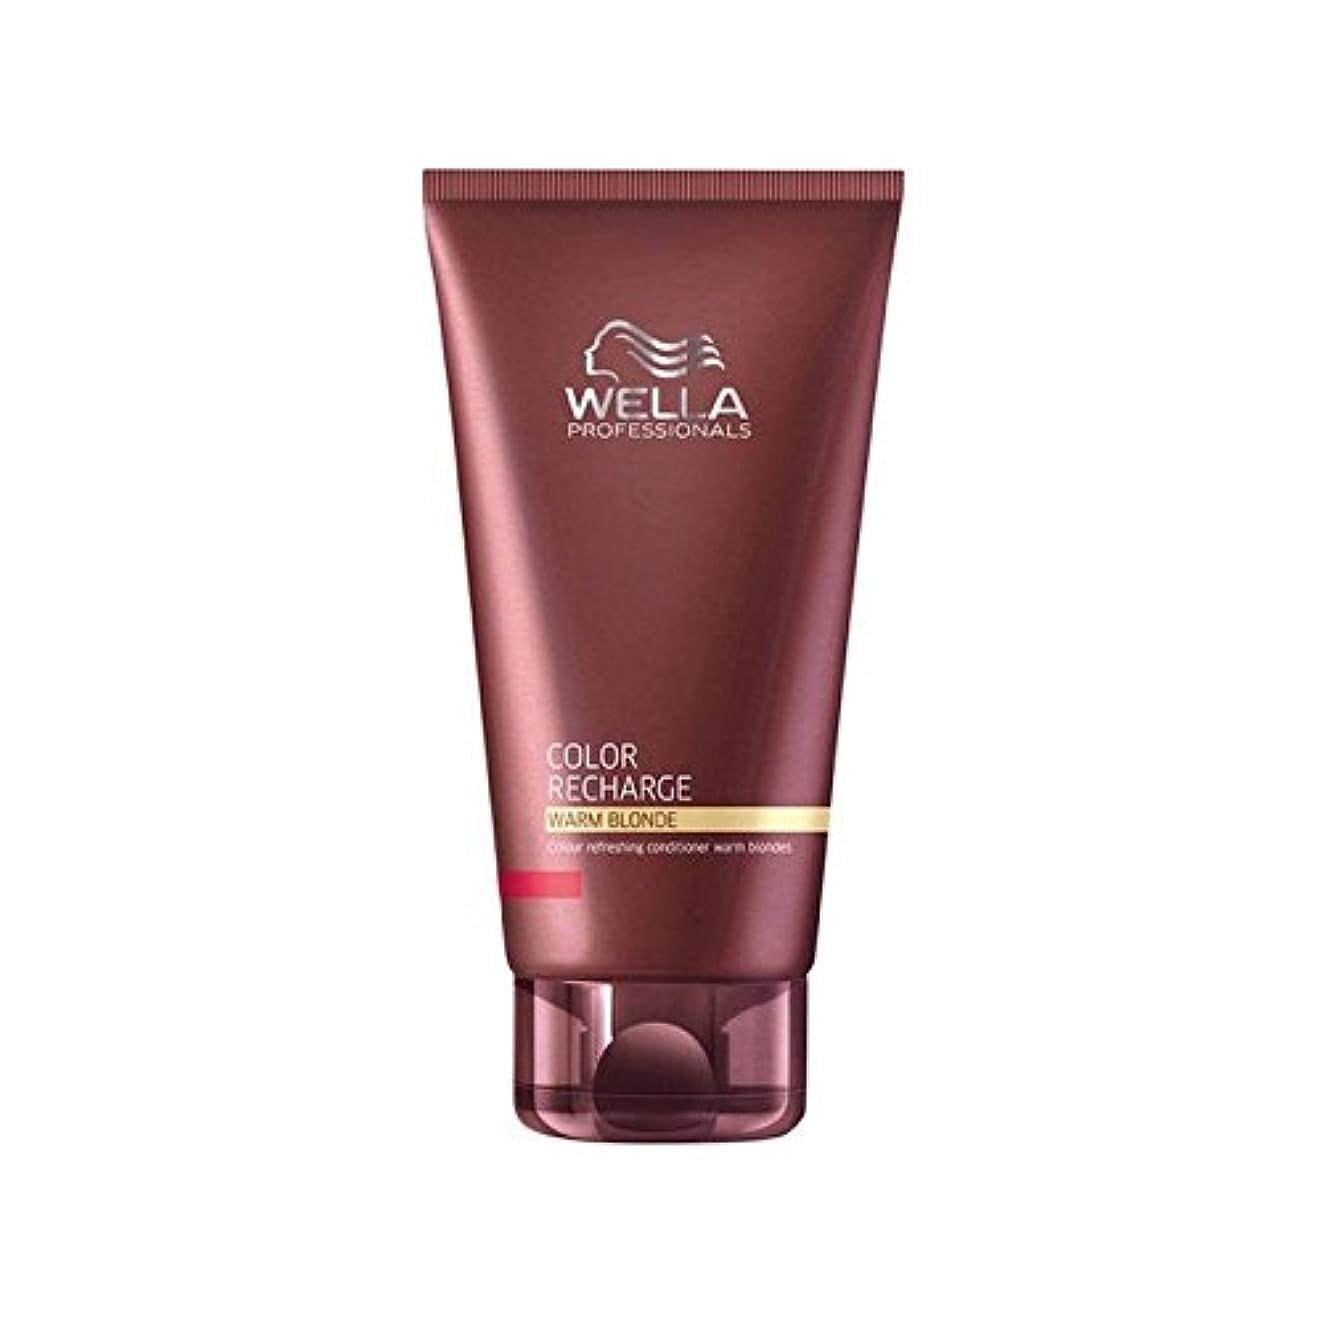 情報フェードページウエラ専門家のカラー再充電コンディショナー暖かいブロンド(200ミリリットル) x2 - Wella Professionals Color Recharge Conditioner Warm Blonde (200ml...